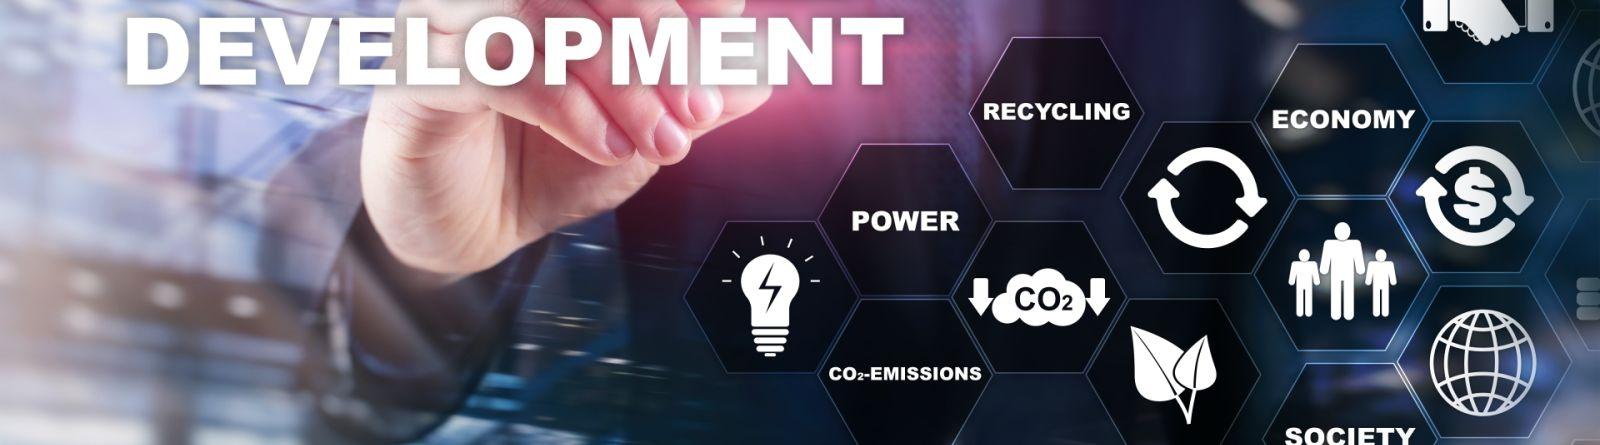 Kairos riparte lanciando tre nuovi fondi, uno è sulla sostenibilità